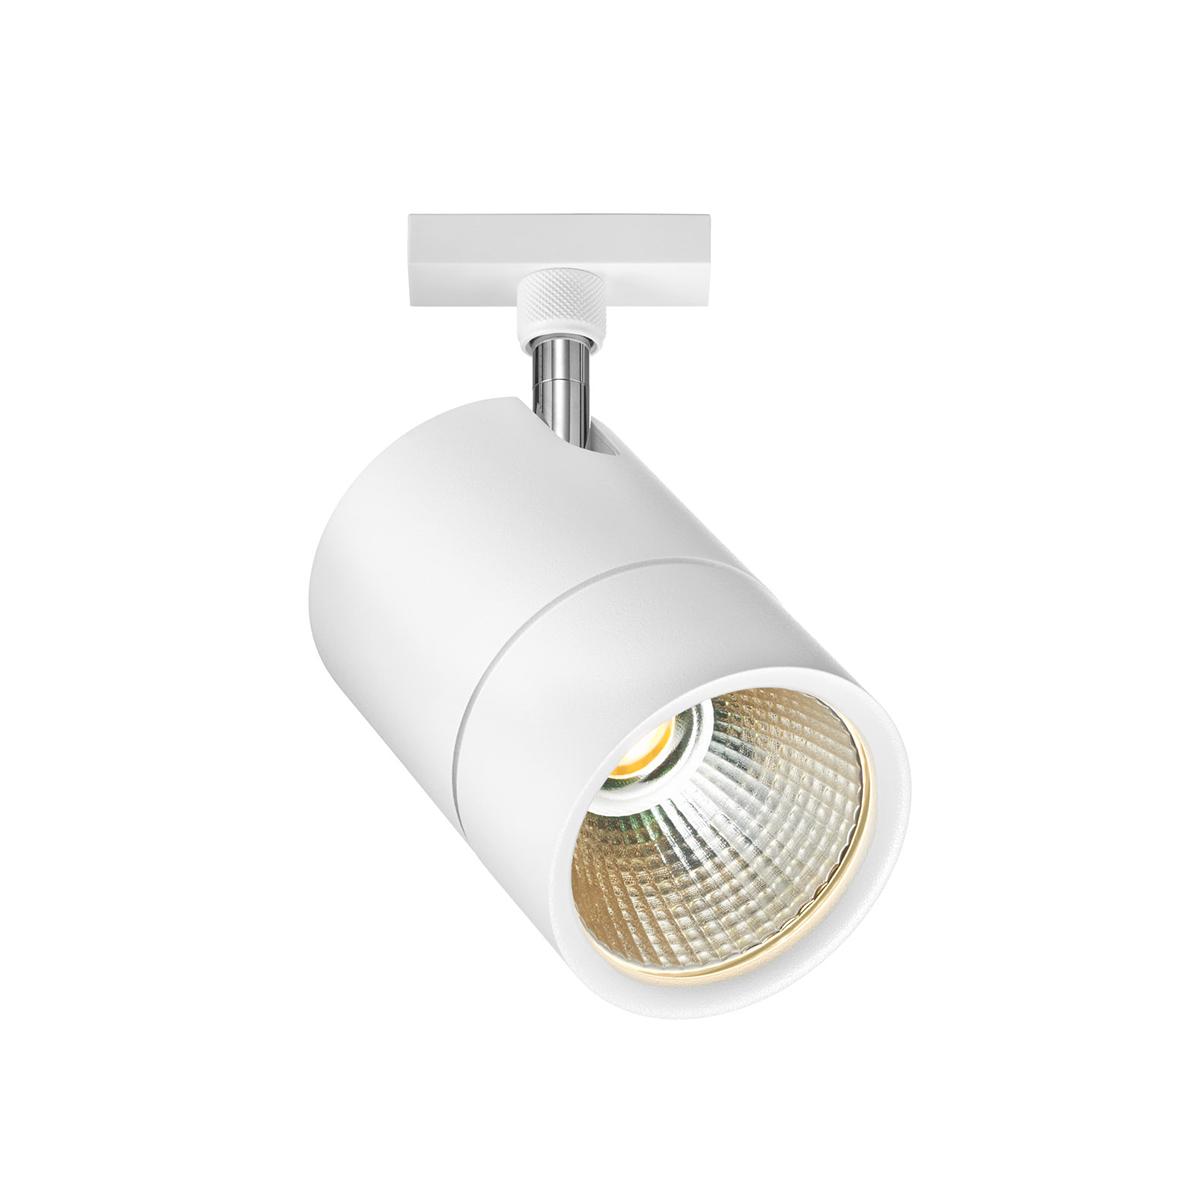 Bruck Duolare ACT 40° LED Strahler 860435ws